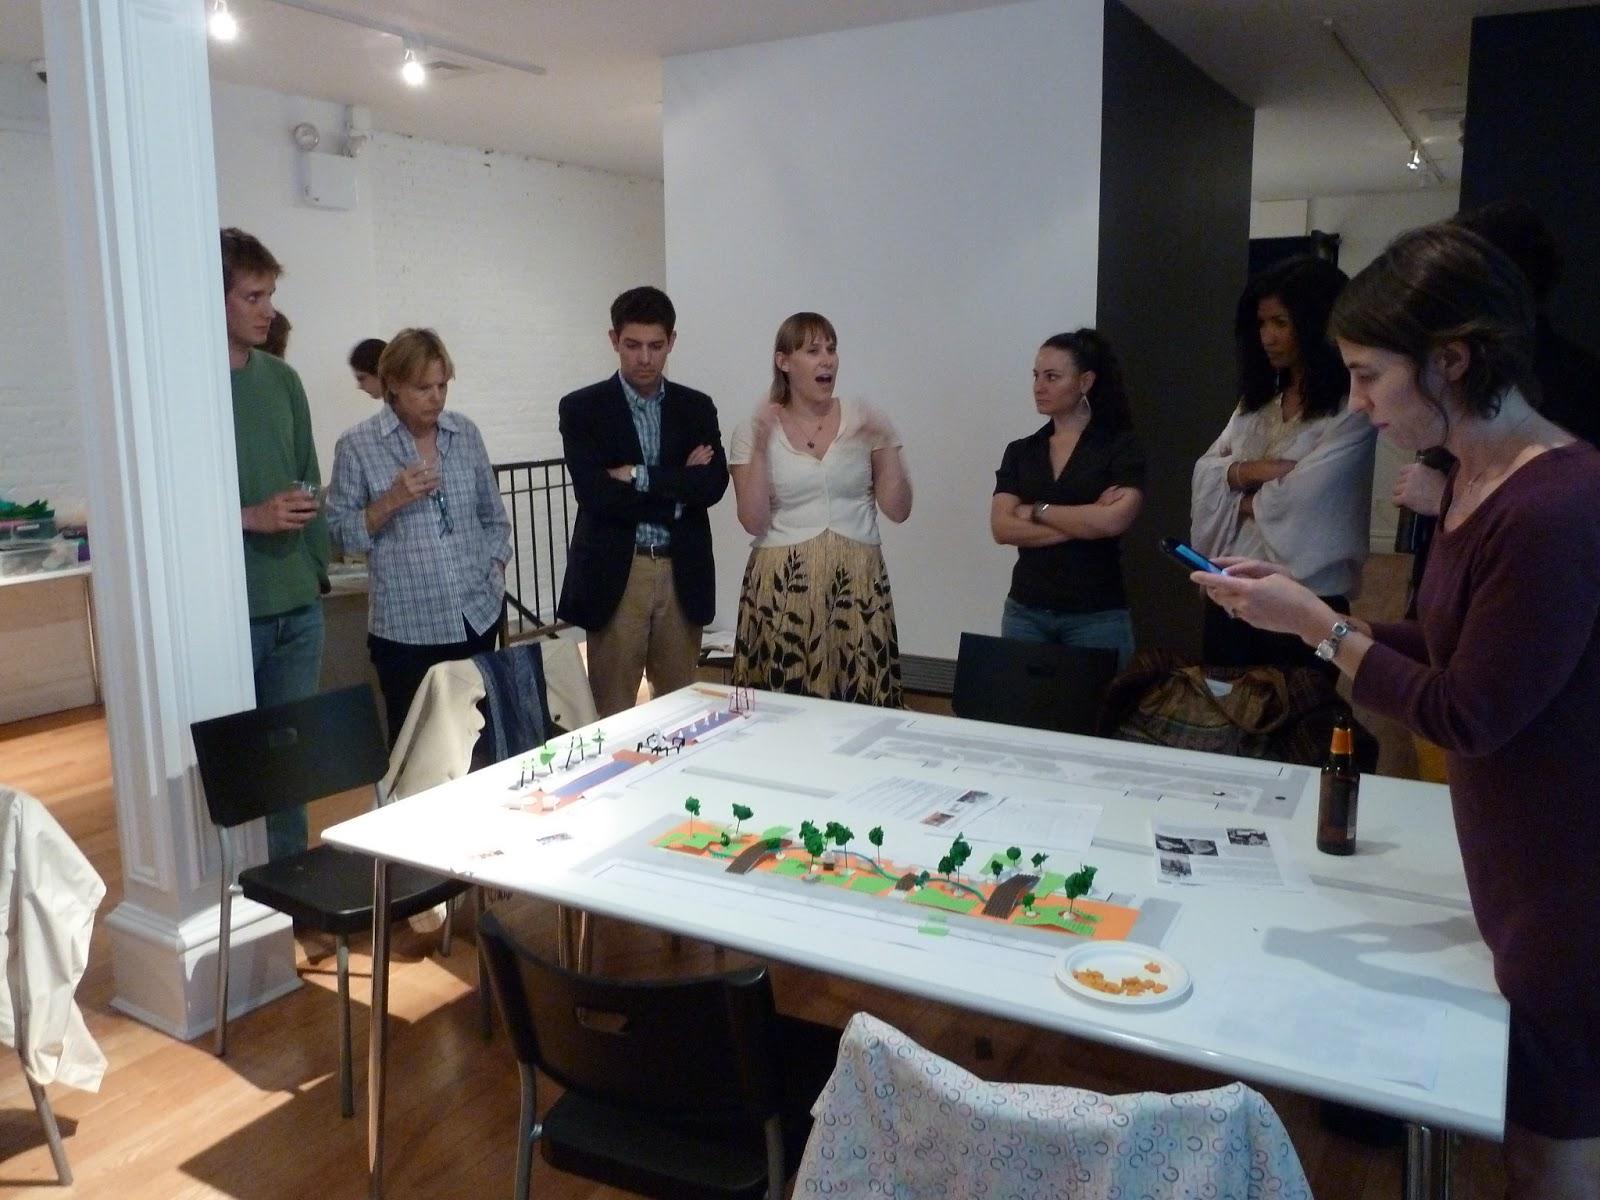 Kim Ihnatko Arch Ed Spiral Center For Architecture NYC Design